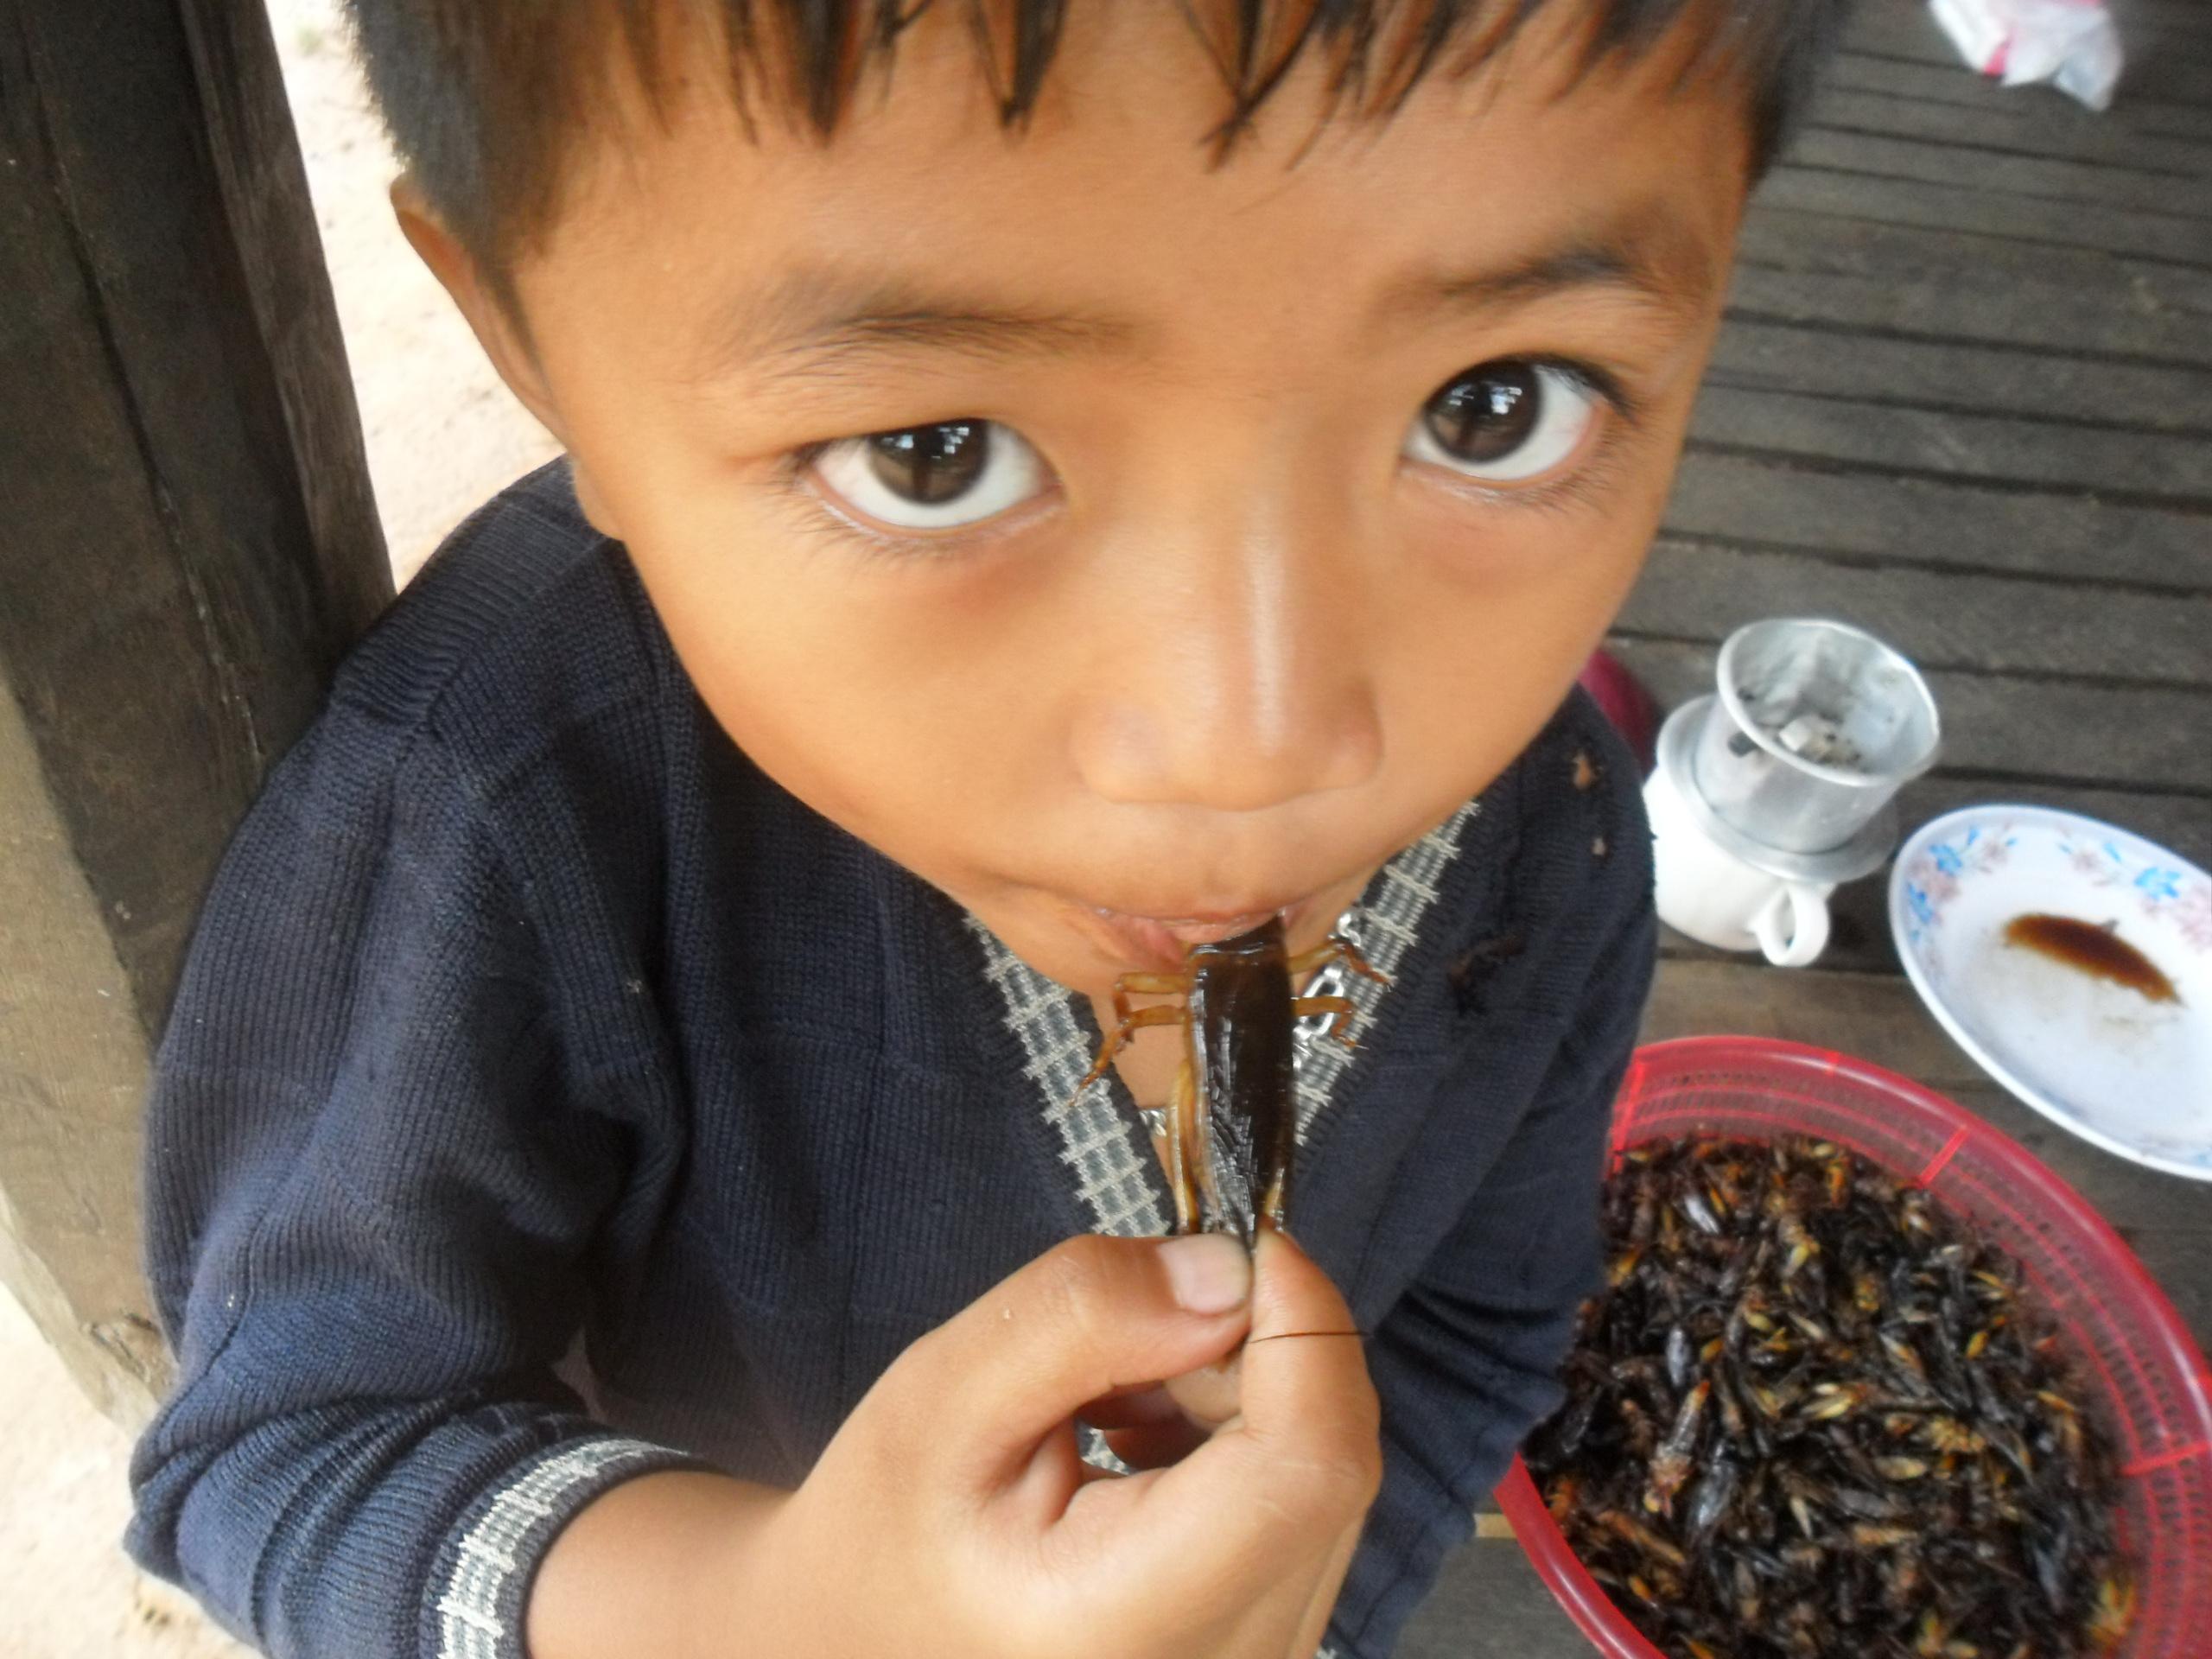 Mangiare gli insetti - photo credit Enrico Crespi